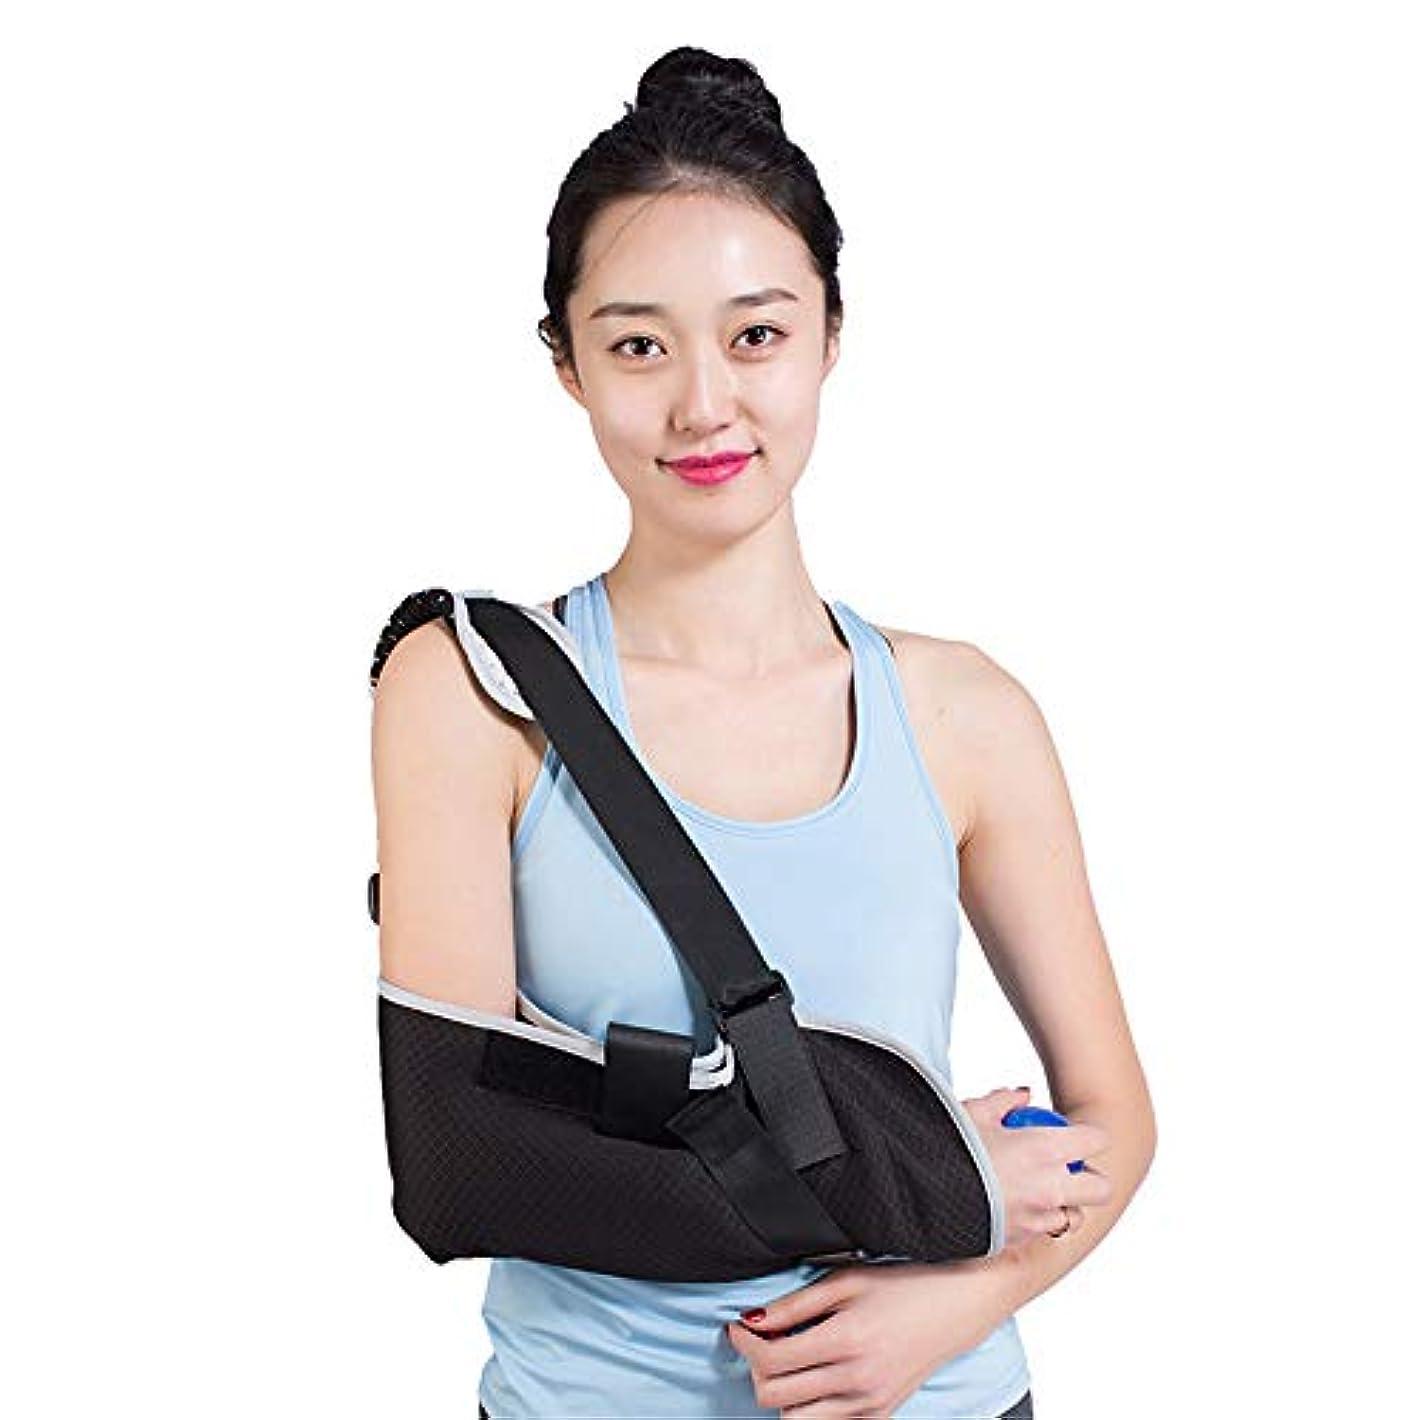 水平フレキシブル投資するアームスリング、ショルダーイモビライザー、壊れたアームイモビライザー用手首肘サポート人間工学的、軽量、通気性メッシュ-男性と女性の両方に適合、フリーサイズ